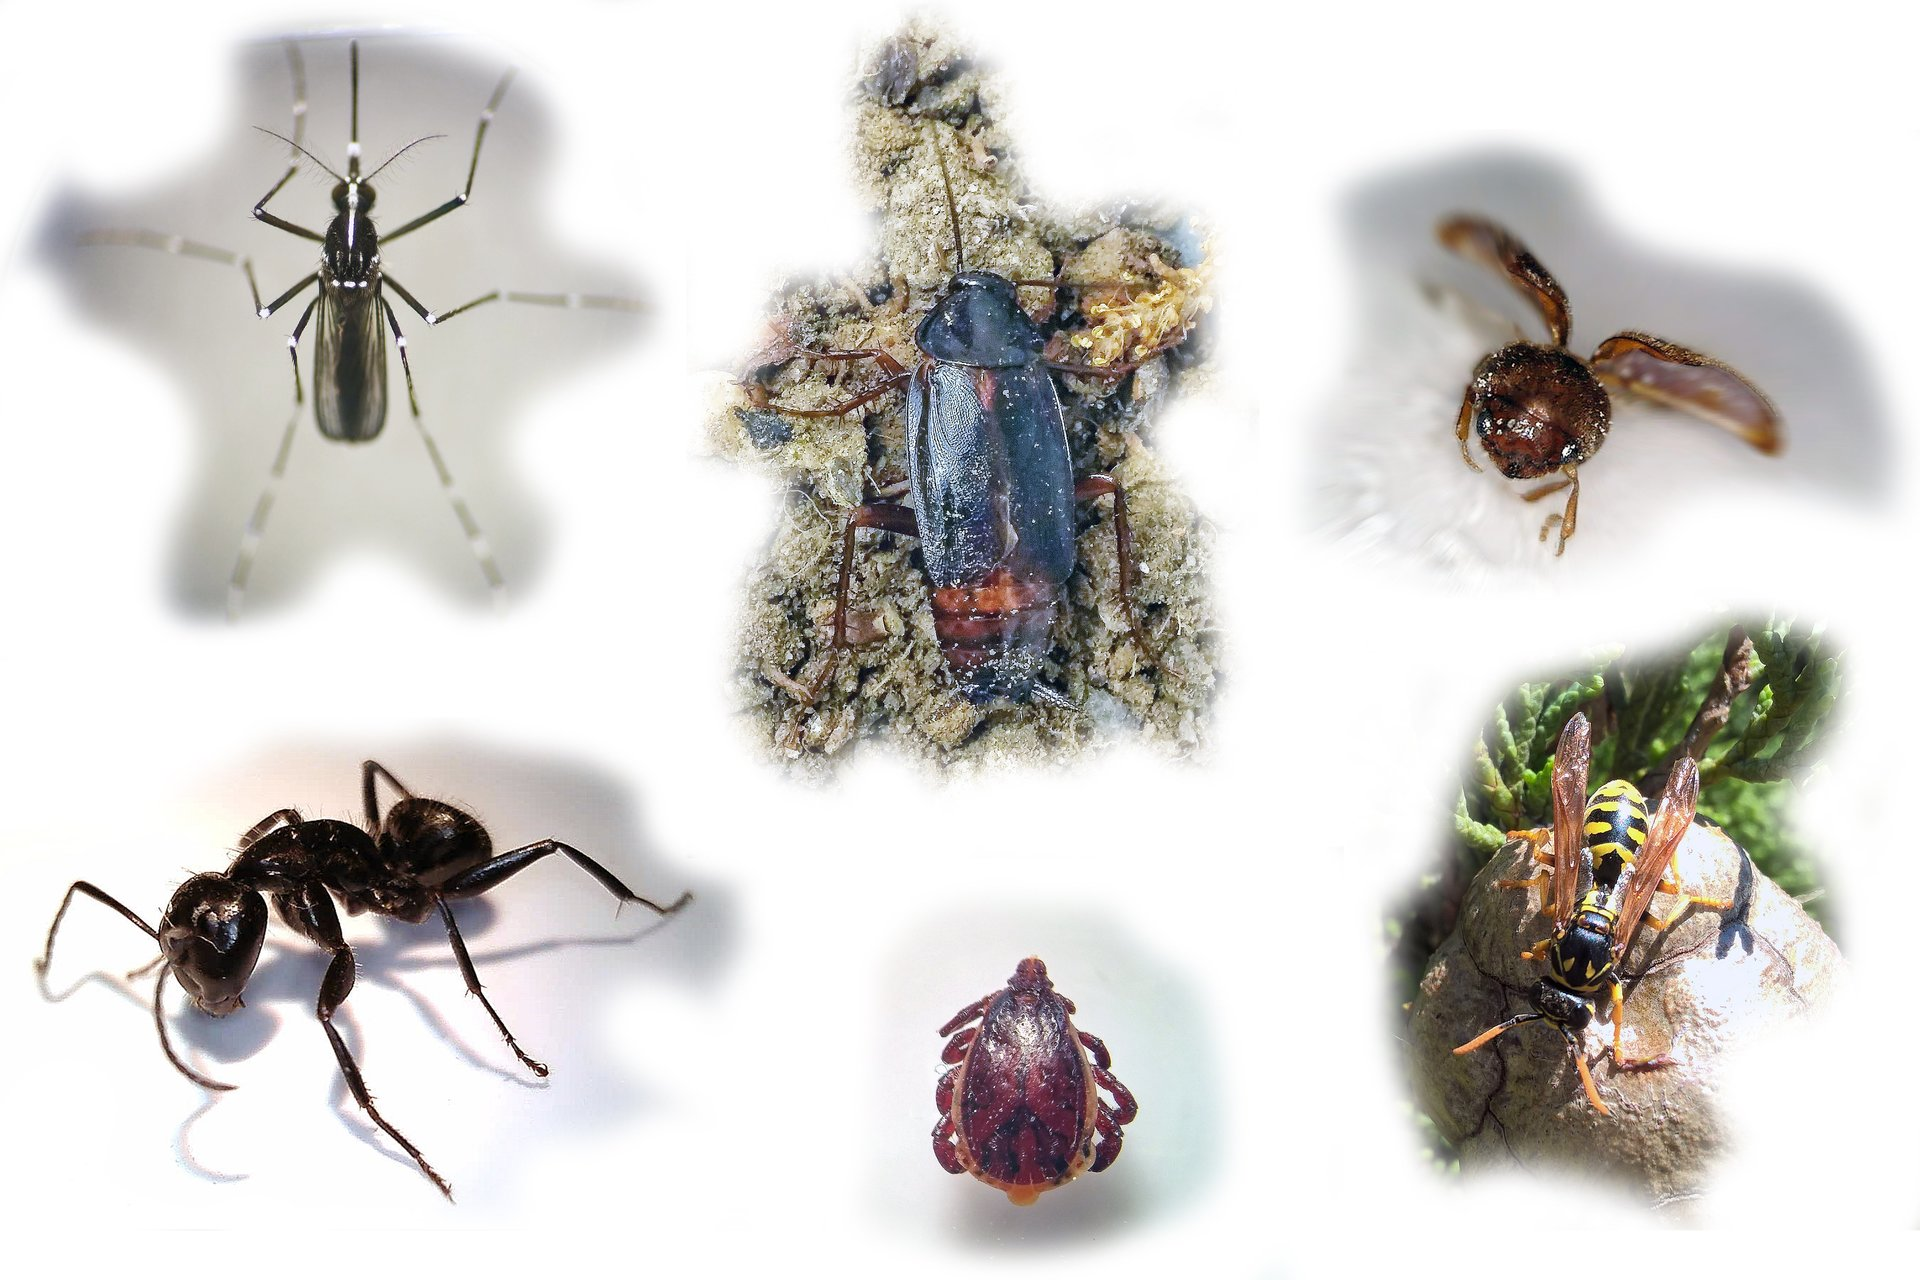 Trattamenti insetti infestanti- Pisa - Entomox